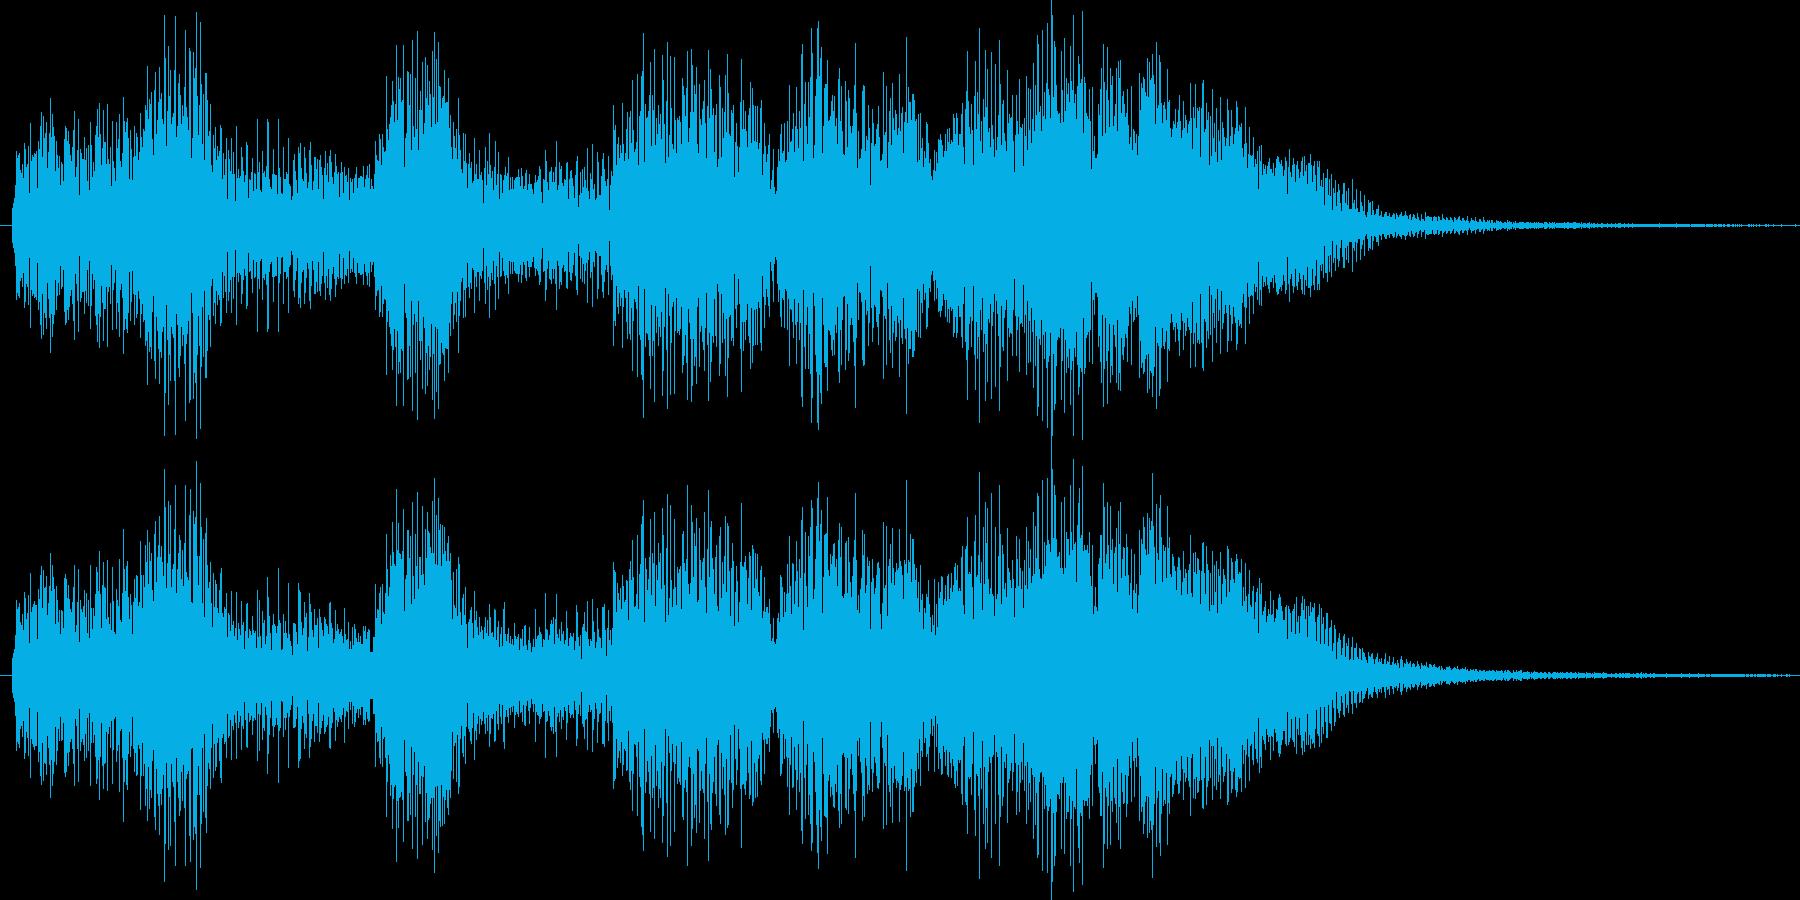 勇ましいファンファーレ【勝利、成功】 の再生済みの波形